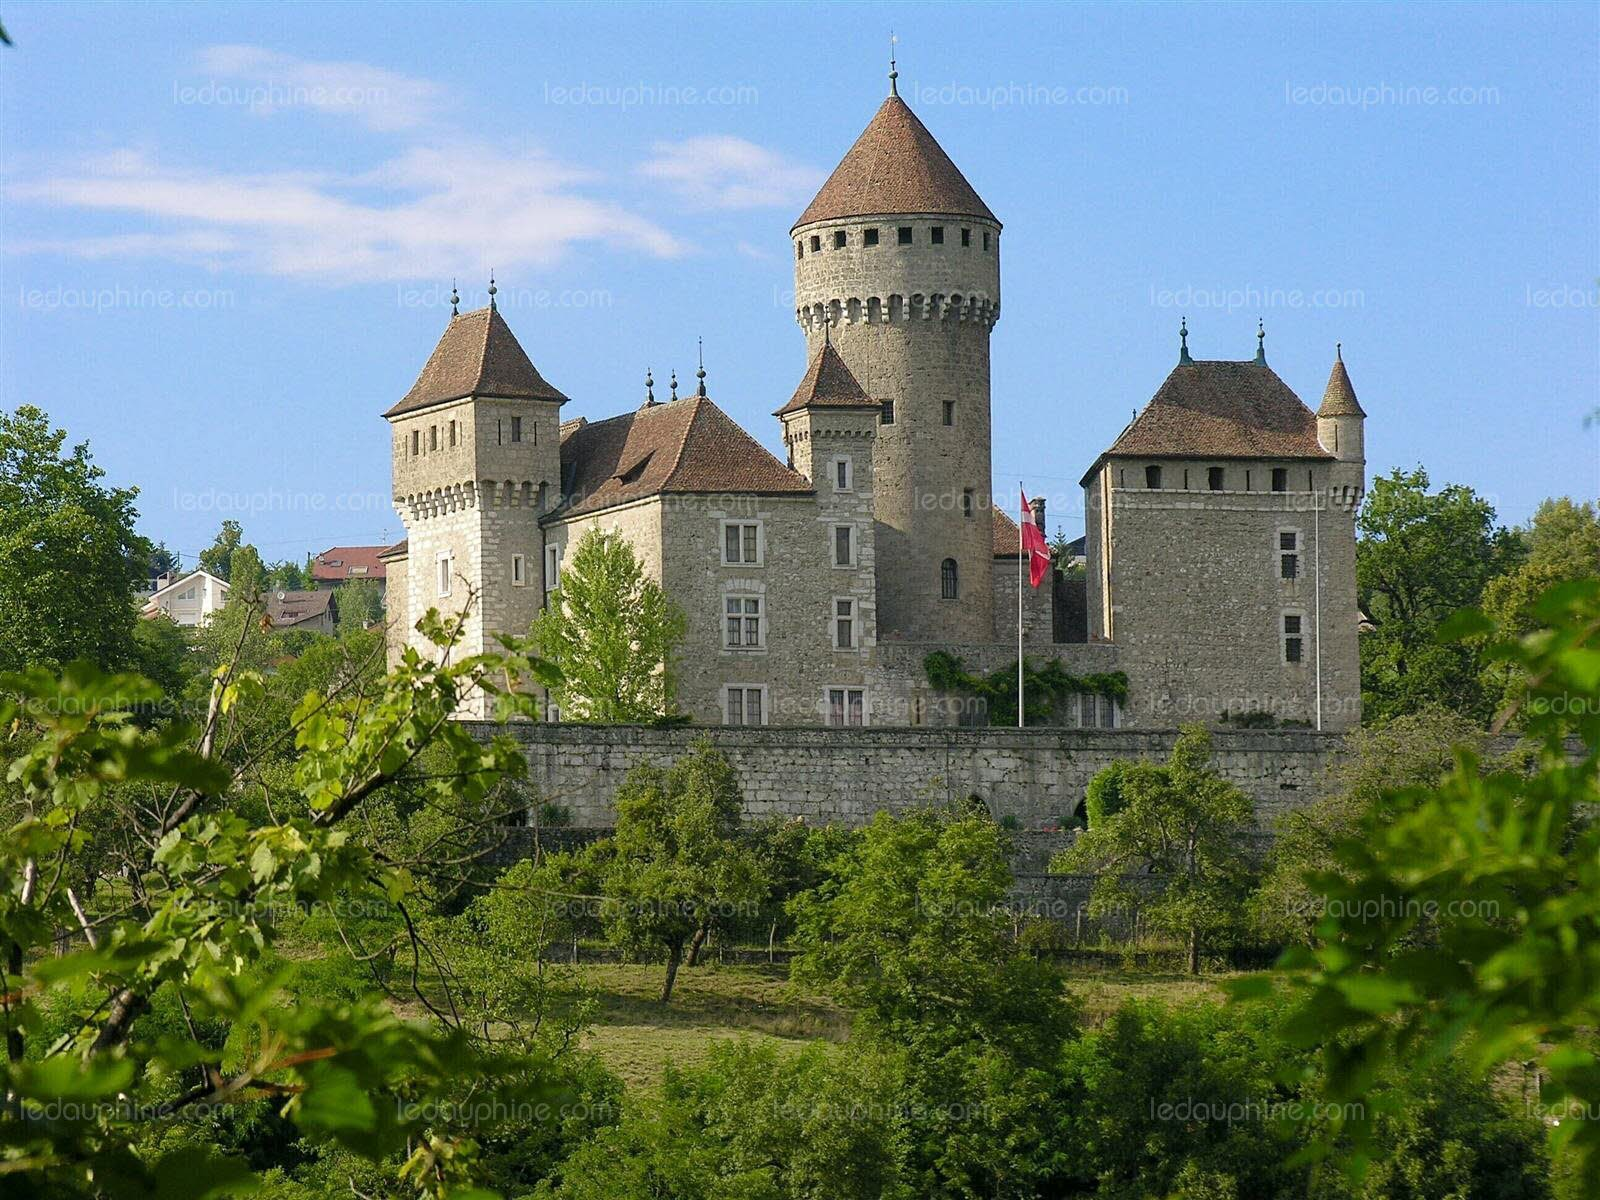 596-chateau-de-montrottier-auvergne-rhone-alpes.jpg